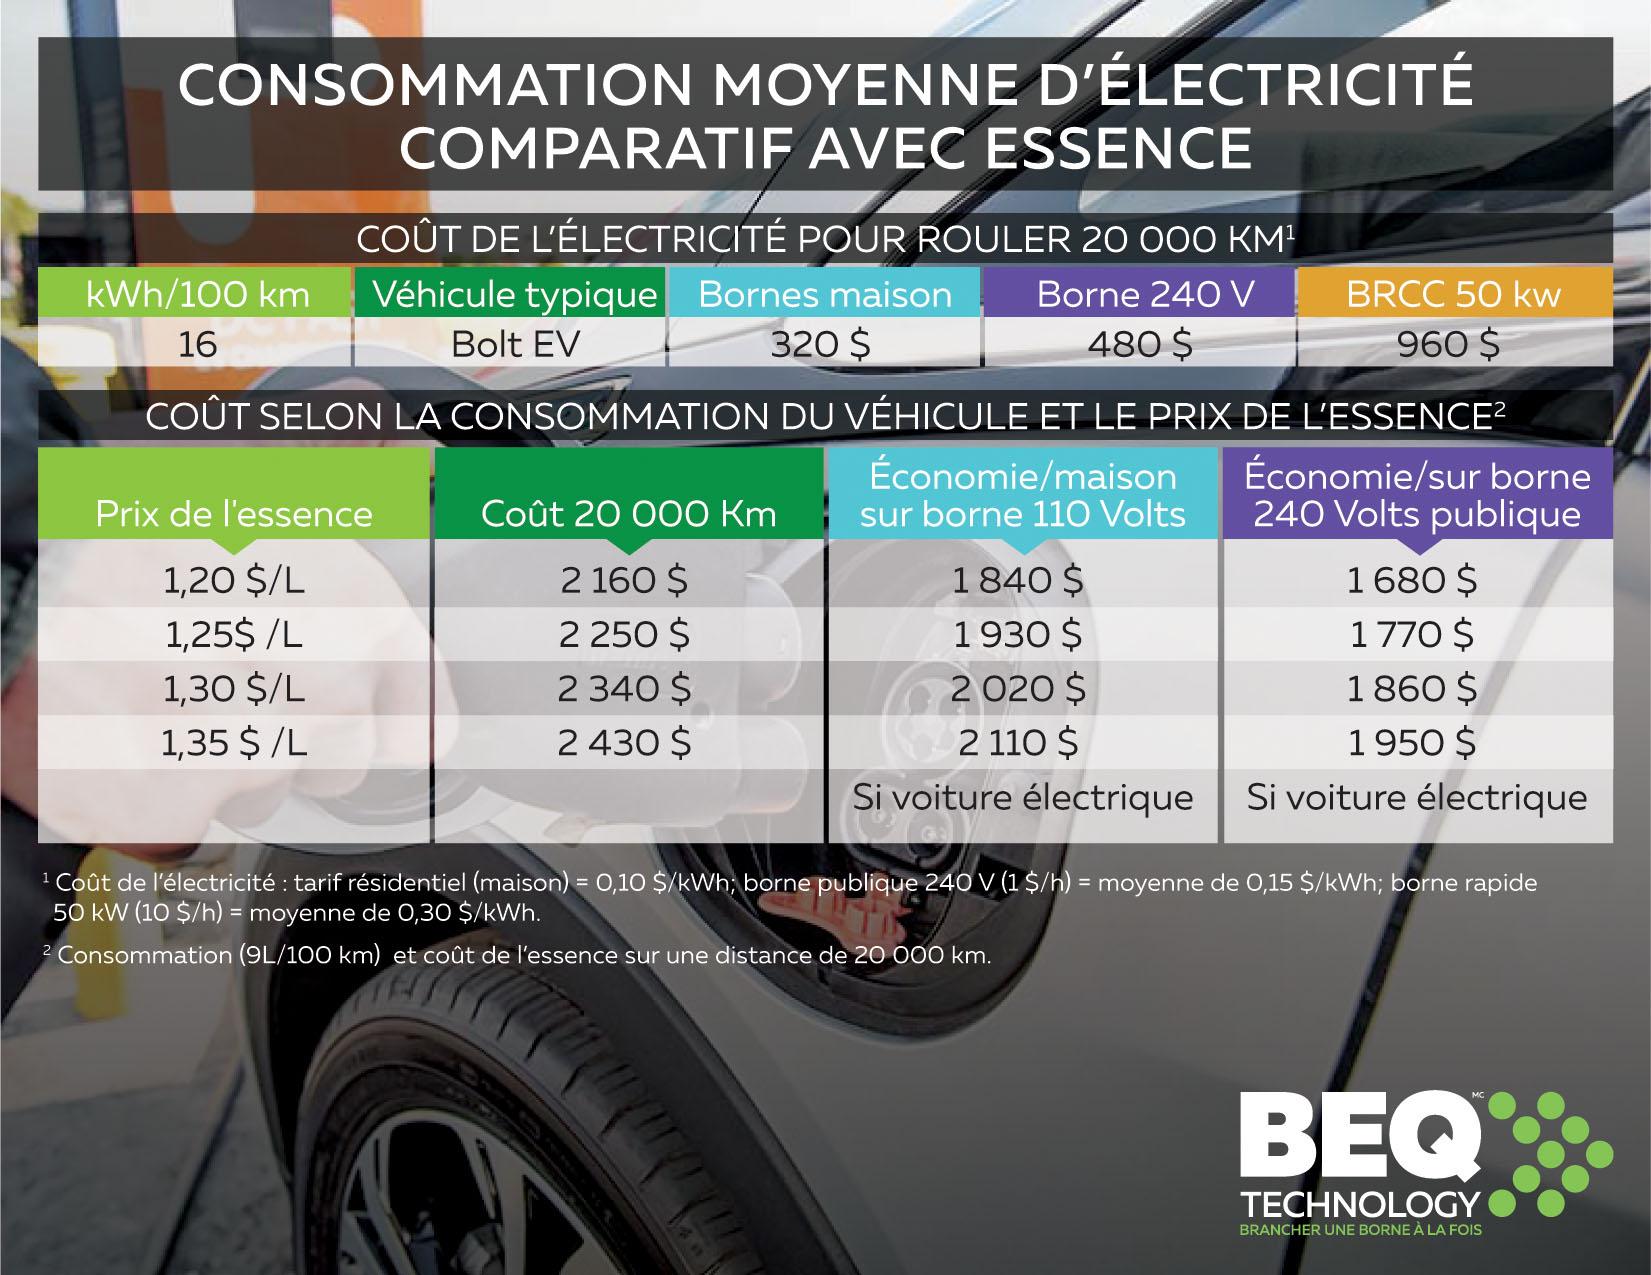 Est-ce plus économique de rouler à l'électricité plutôt qu'à l'essence?